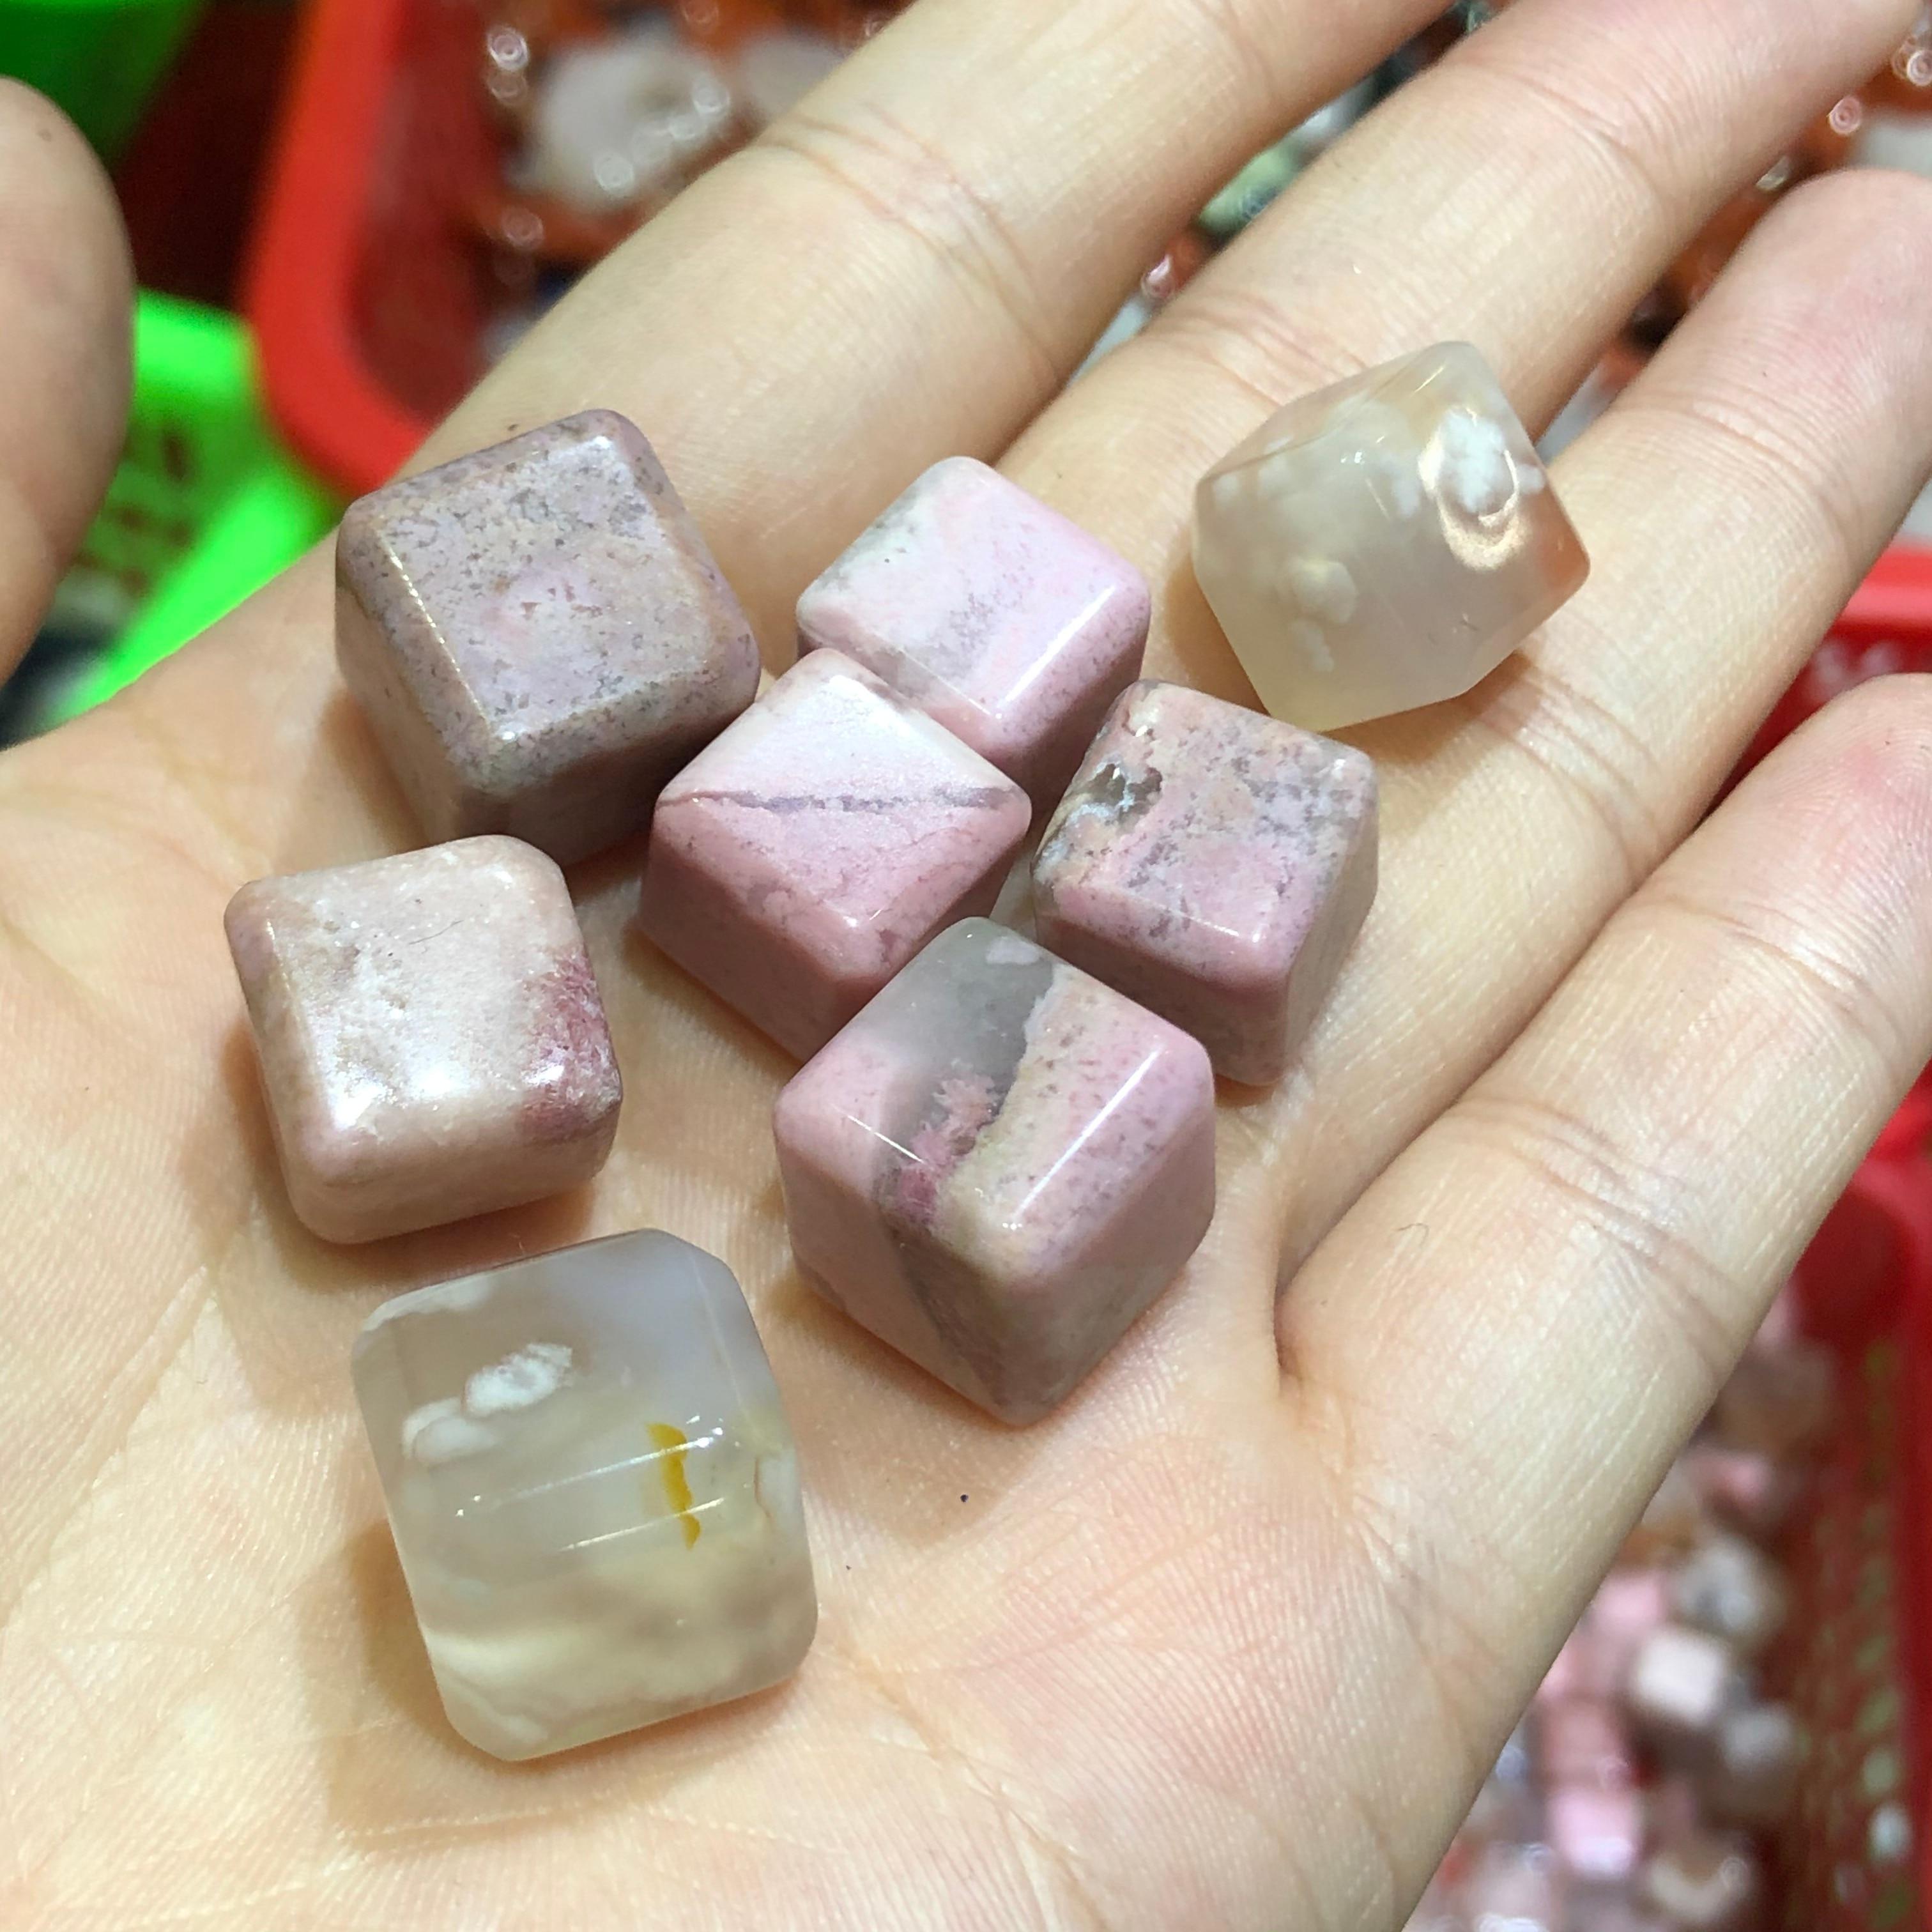 Оптовая продажа, 5 шт., натуральная Снежинка, вишневый цвет, агат, блок, таблица, кристаллический драгоценный камень, кварц для лечения криста...